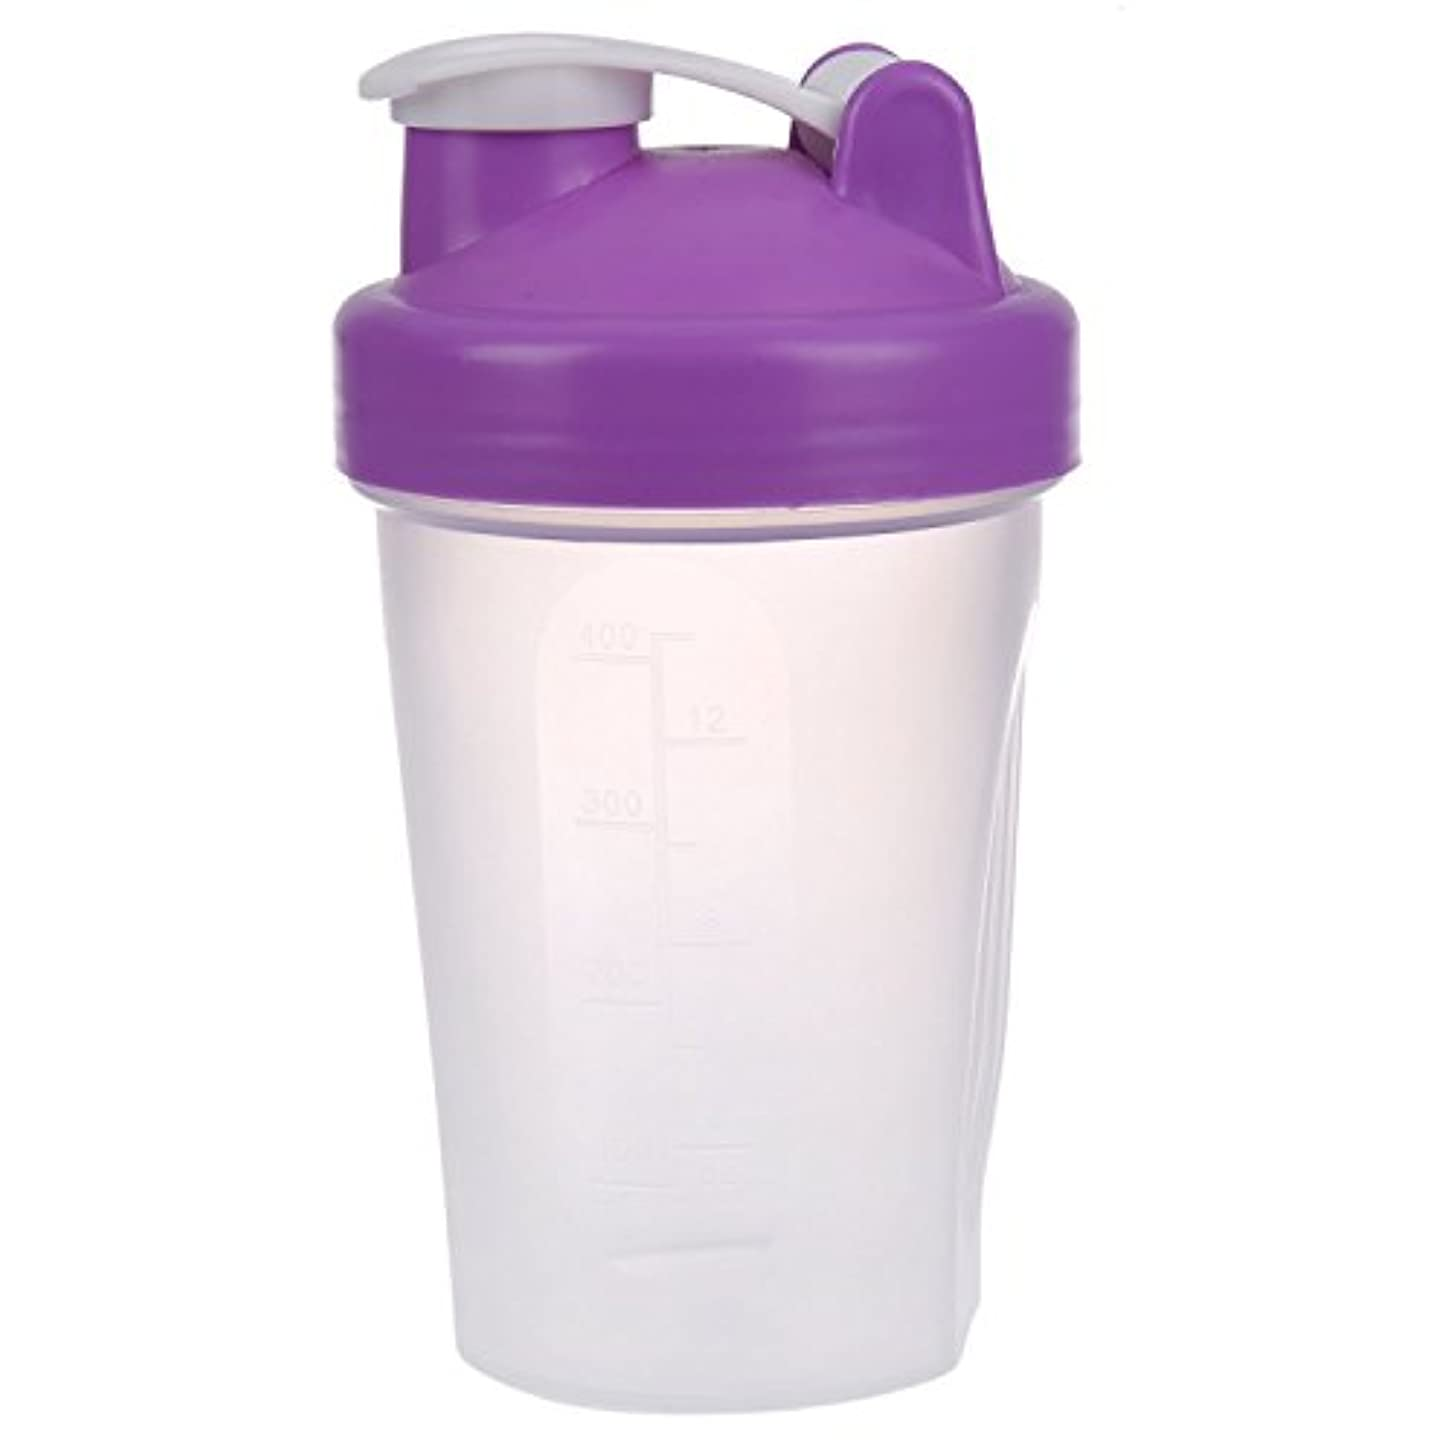 報奨金フライカイトめんどりTOOGOO スマートシェイク ジムプロテインシェーカー ミキサーカップミキサーボトル 紫